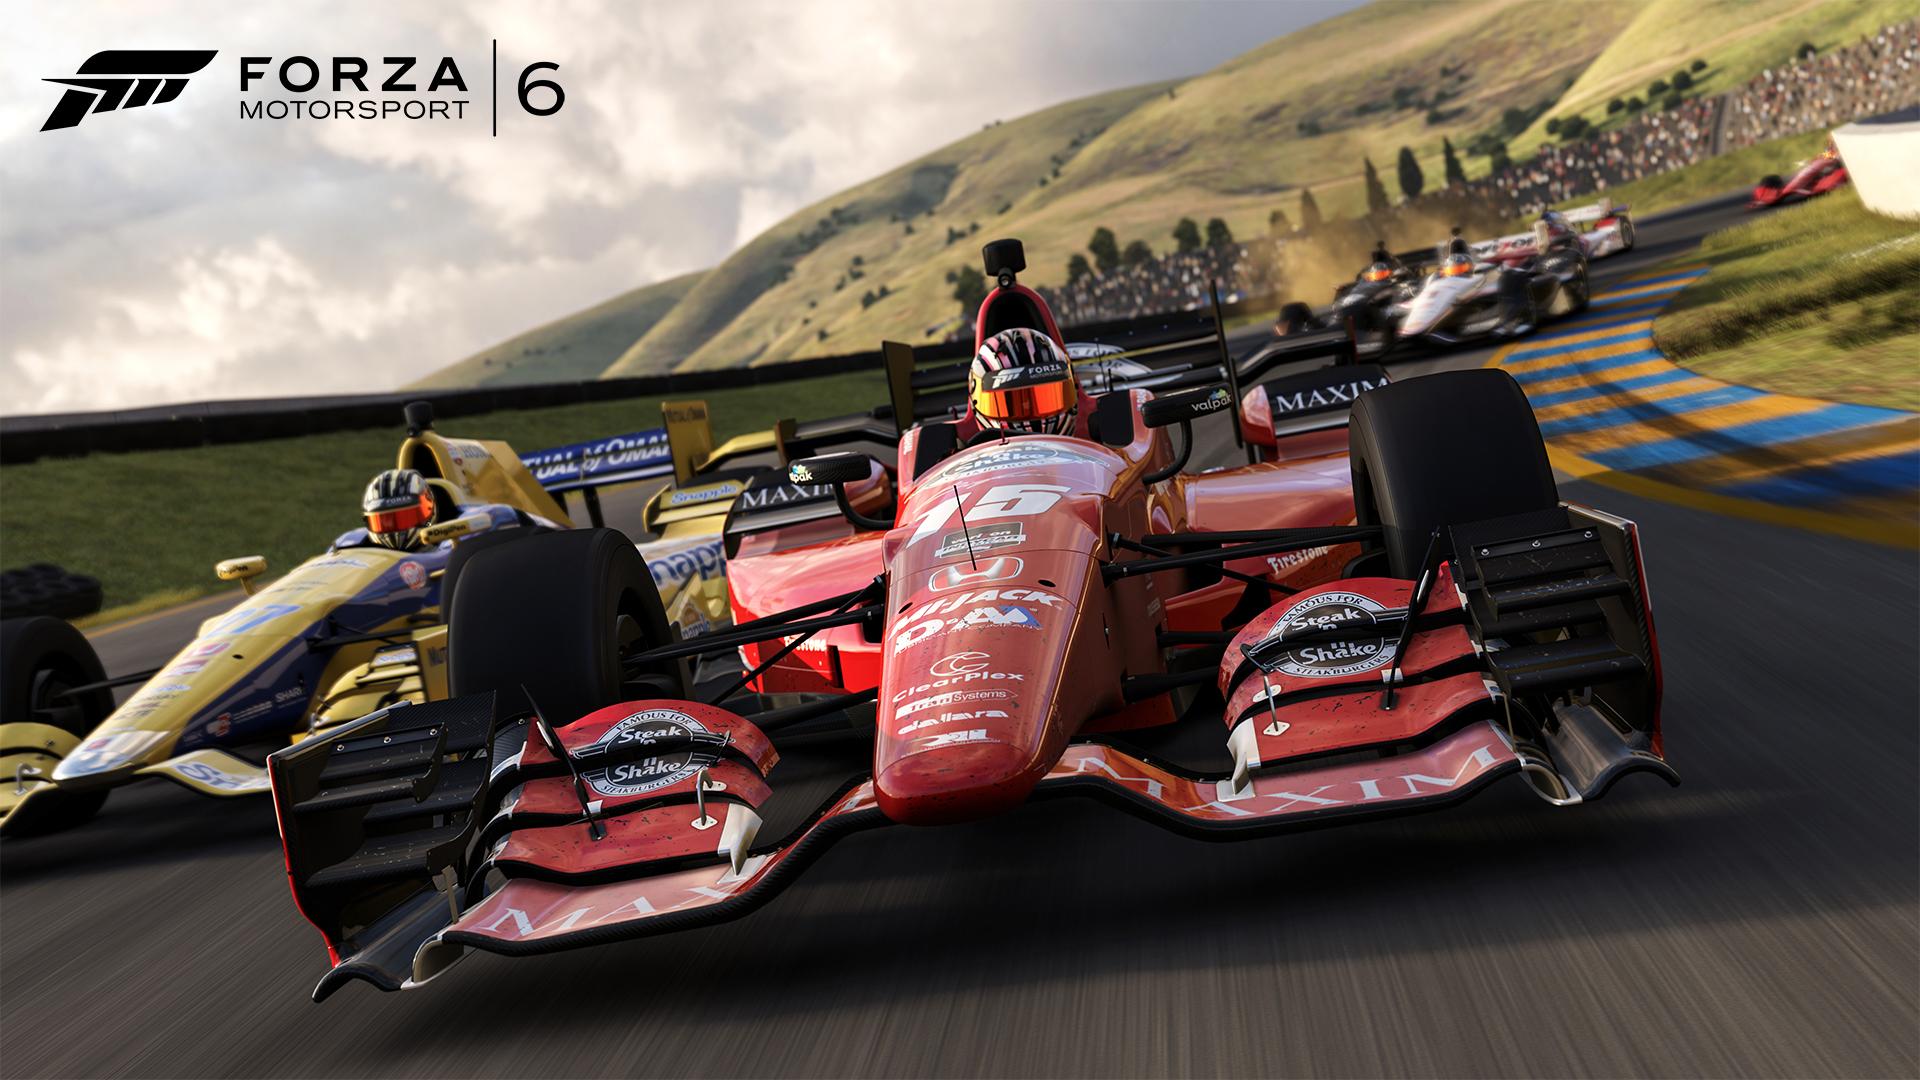 Bonito é pouco! Novas imagens de Forza Motorsport 6 são de cair o queixo